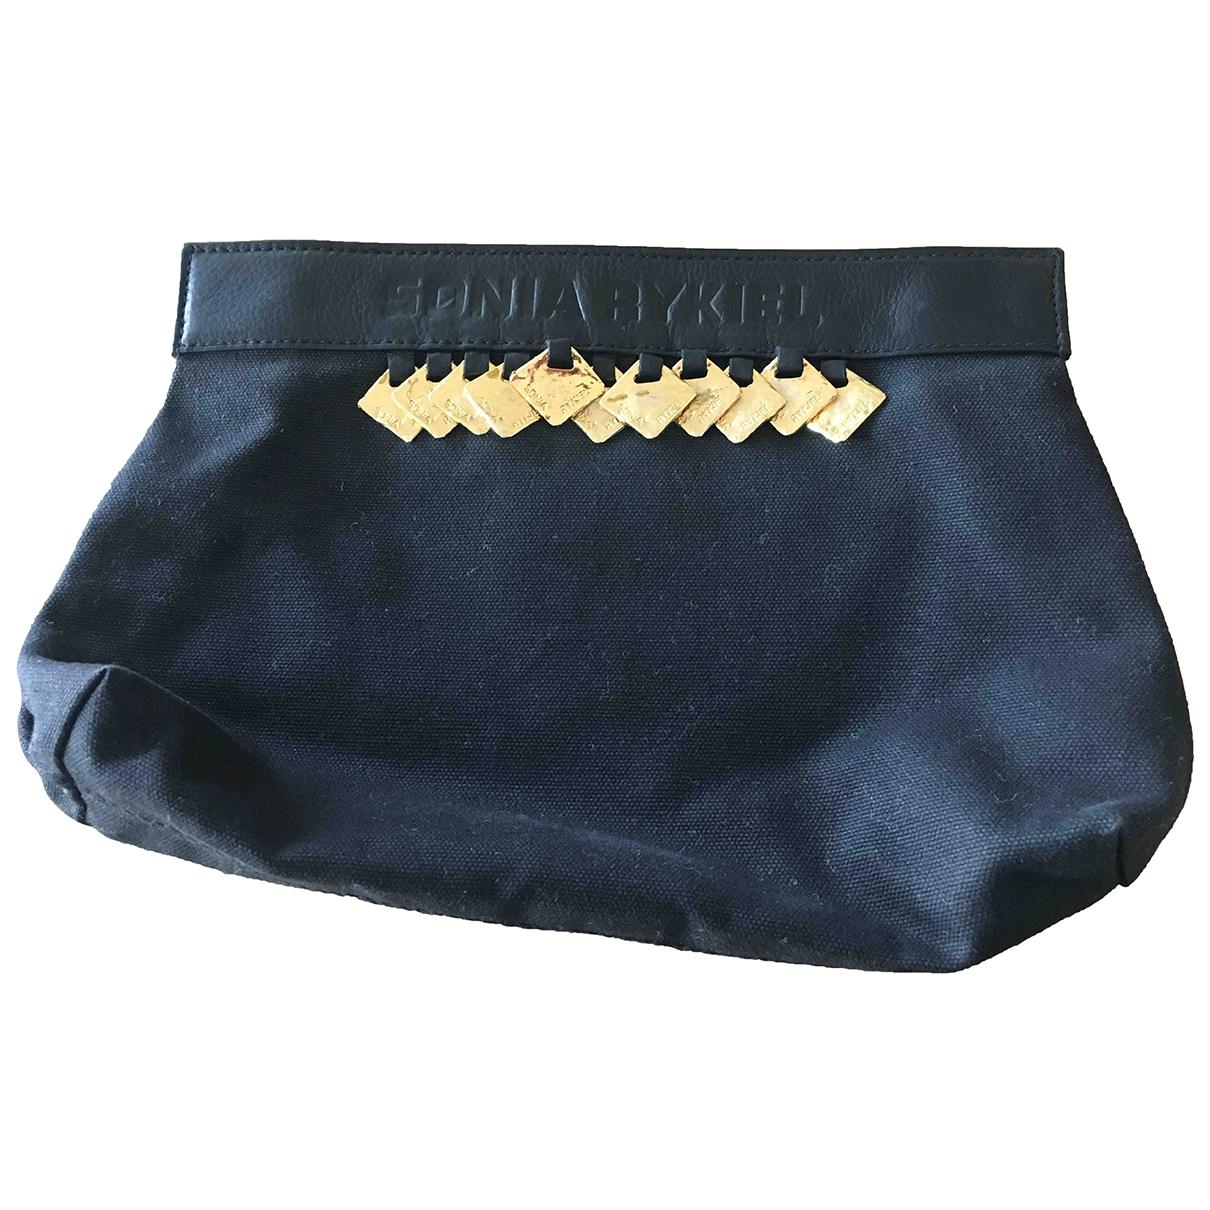 Sonia Rykiel - Pochette   pour femme en coton - noir